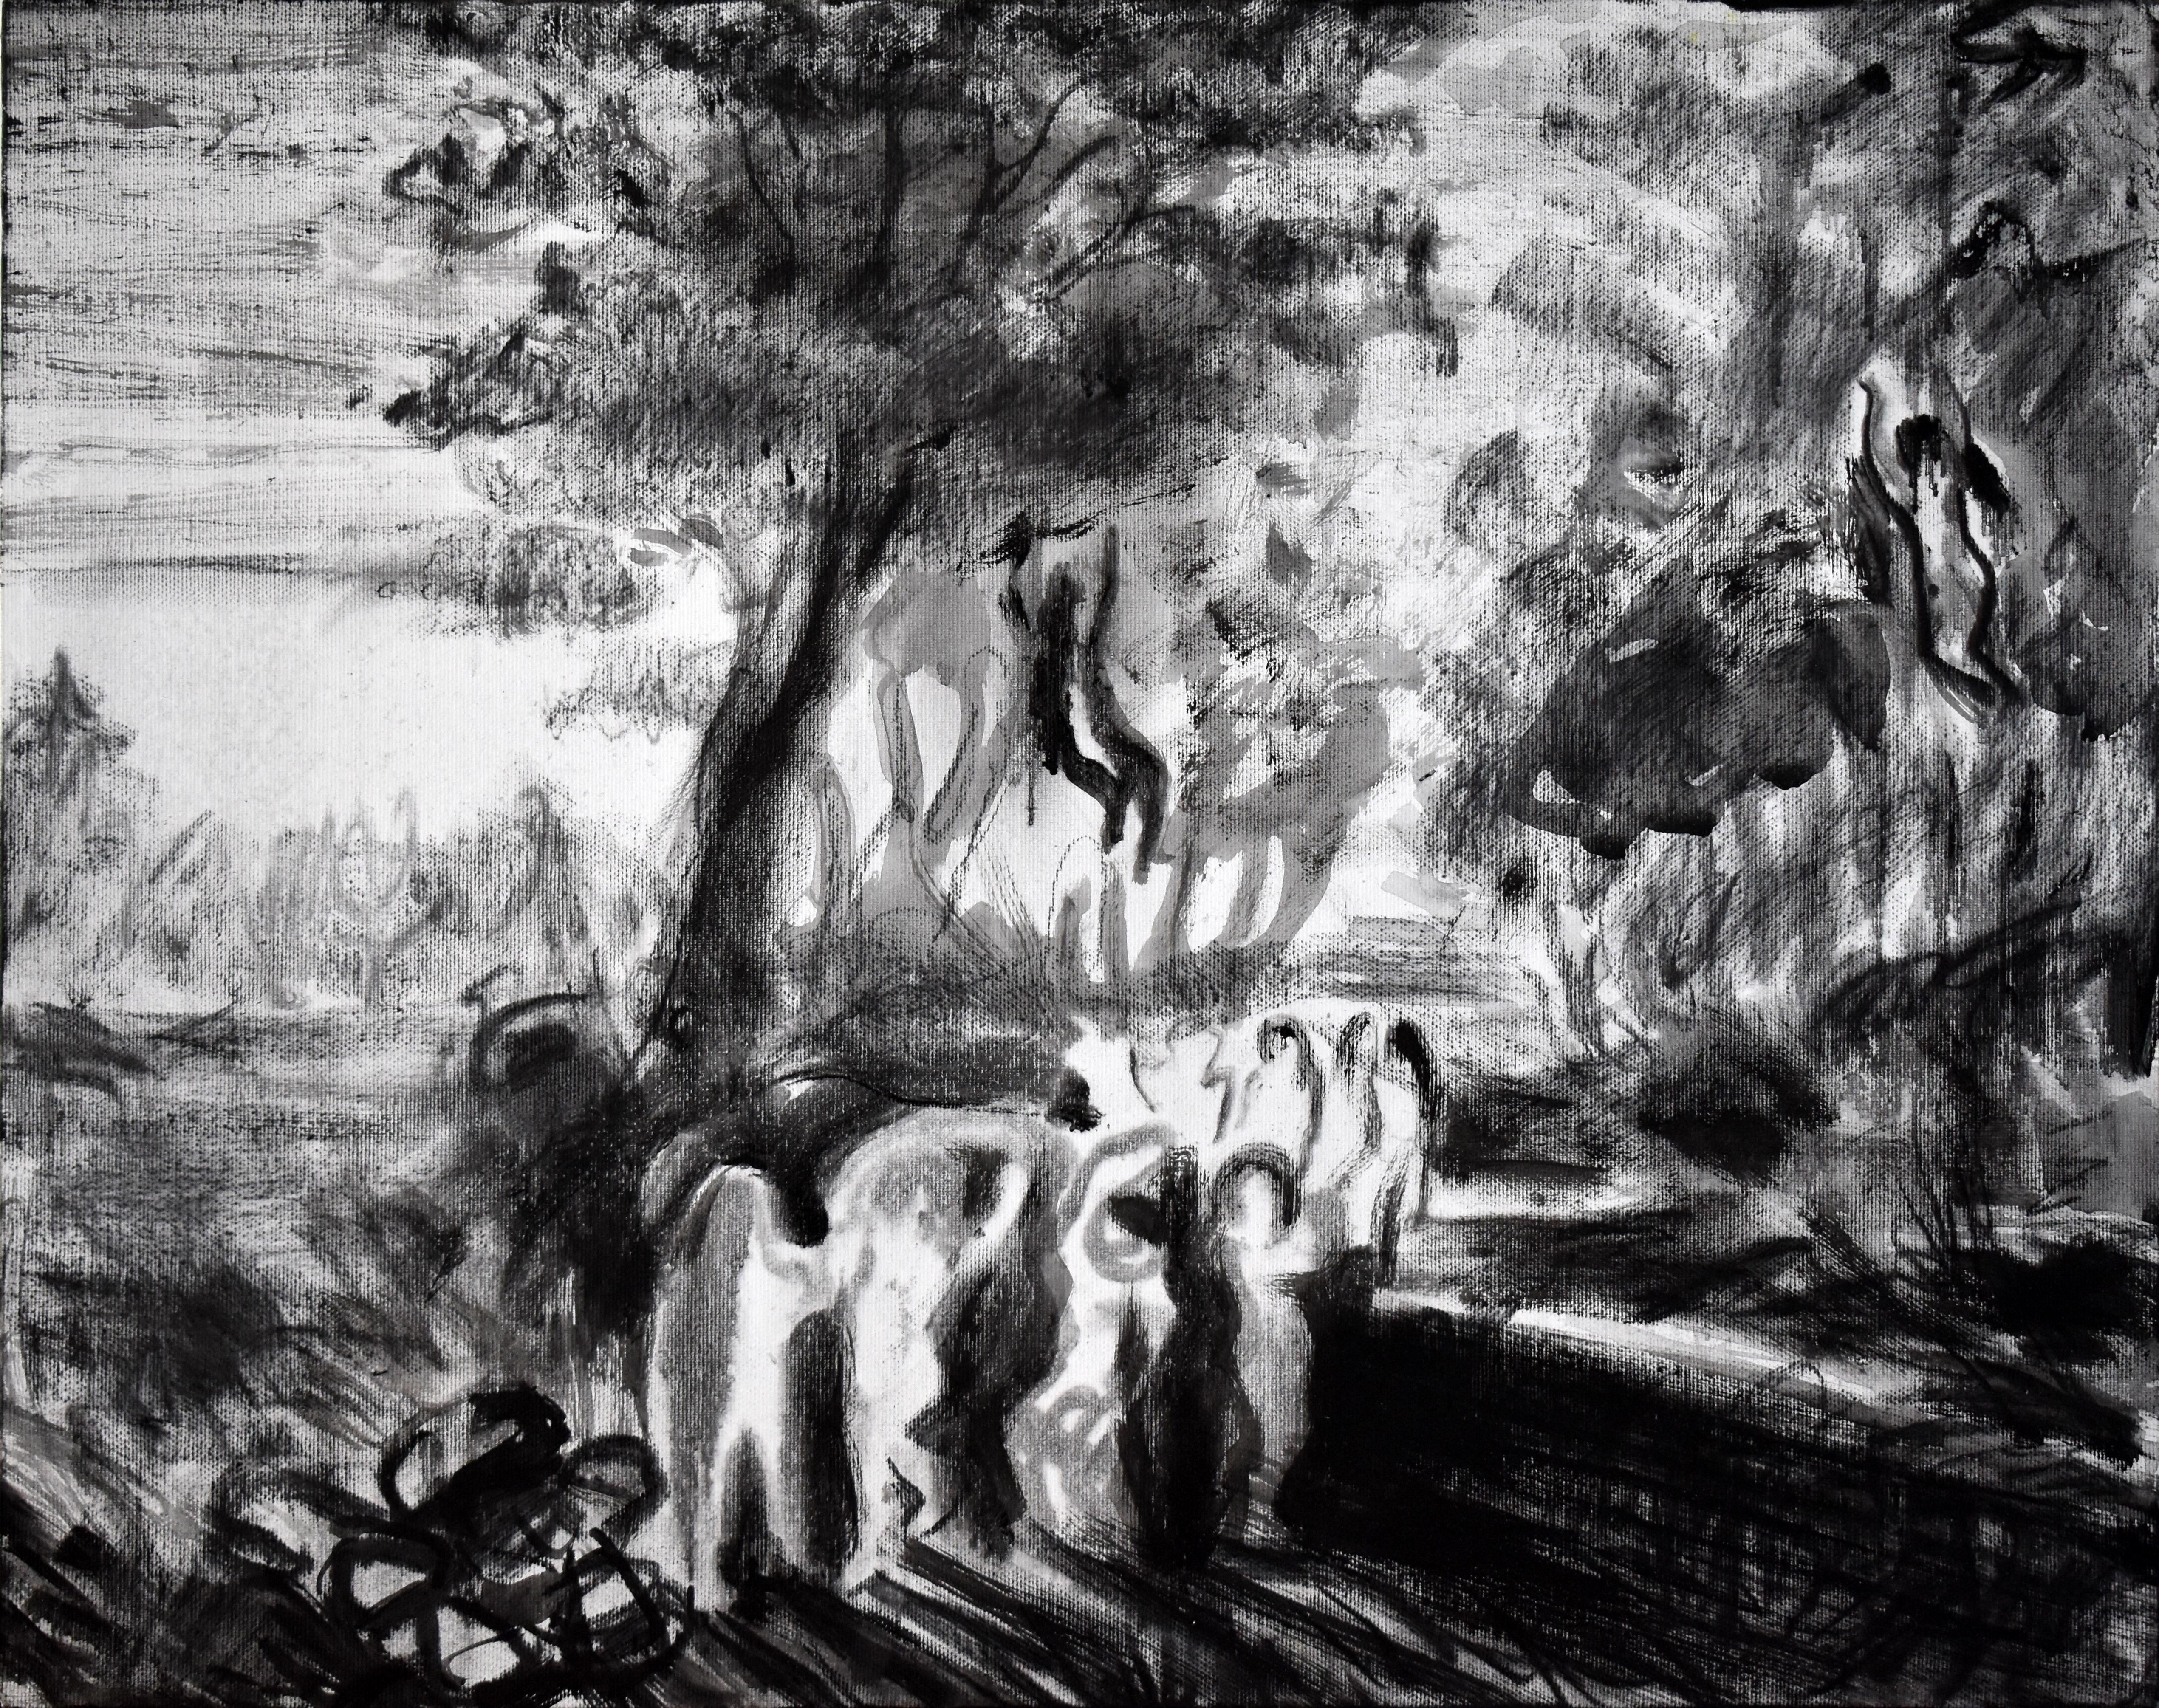 <p>Явор Костадинов - По &bdquo;Русалки&ldquo; (1875) от Георги Данчов - Зографина, 43х55 см, акрилни бои, естествен въглен върху платно,2019</p>